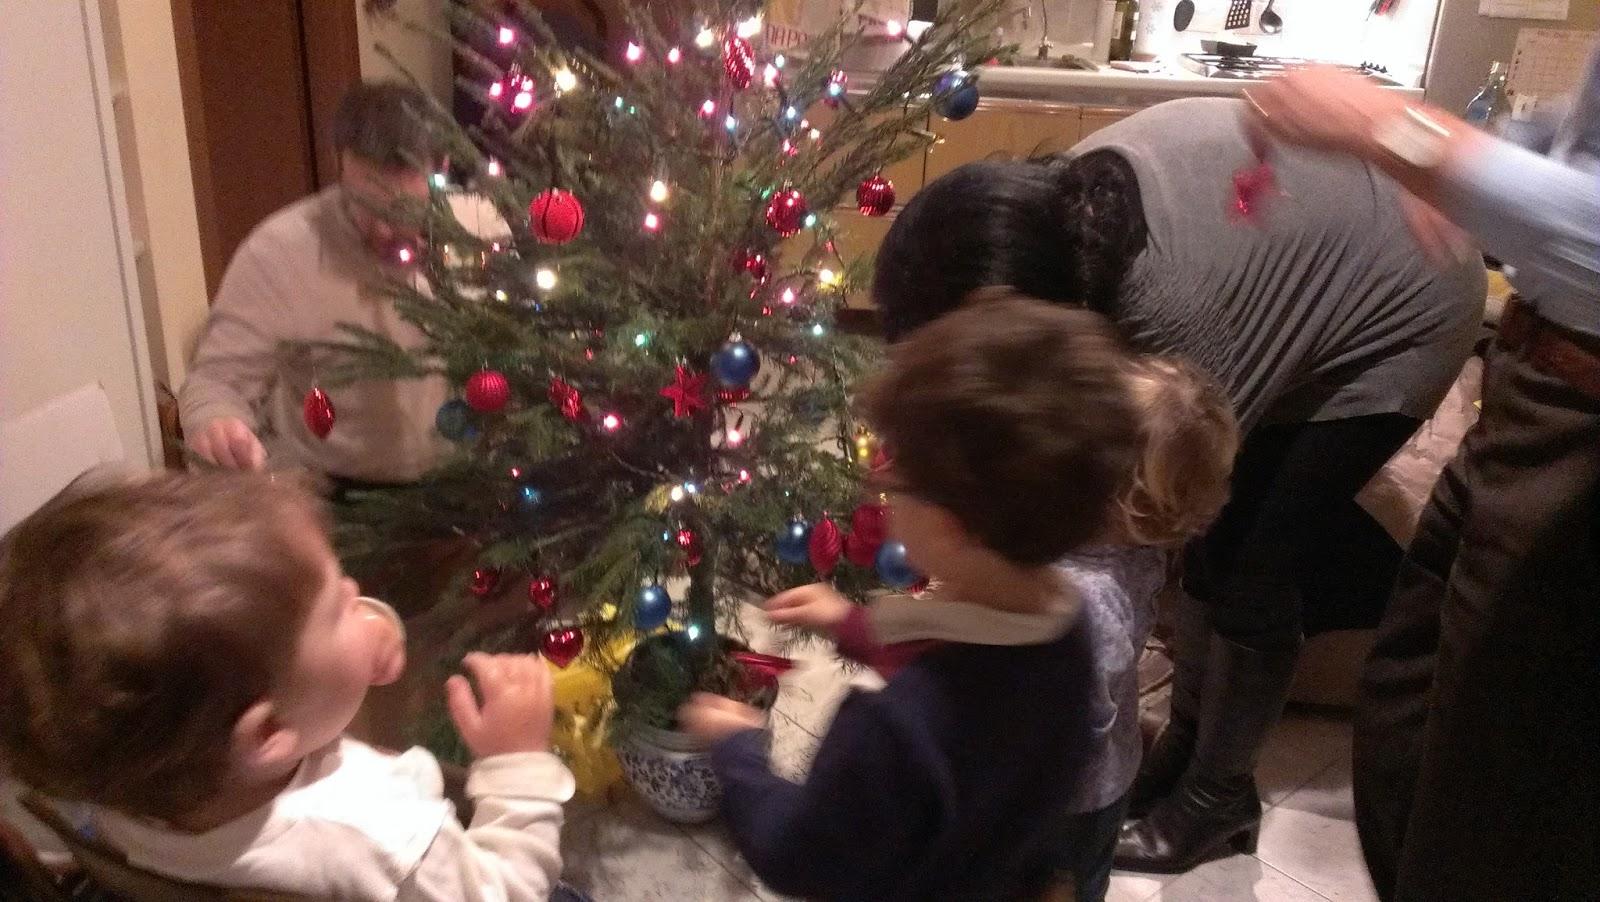 Albero Di Natale Vero Come Farlo Sopravvivere.Calepino Dei Bimbi Albero Di Natale Vero O Finto